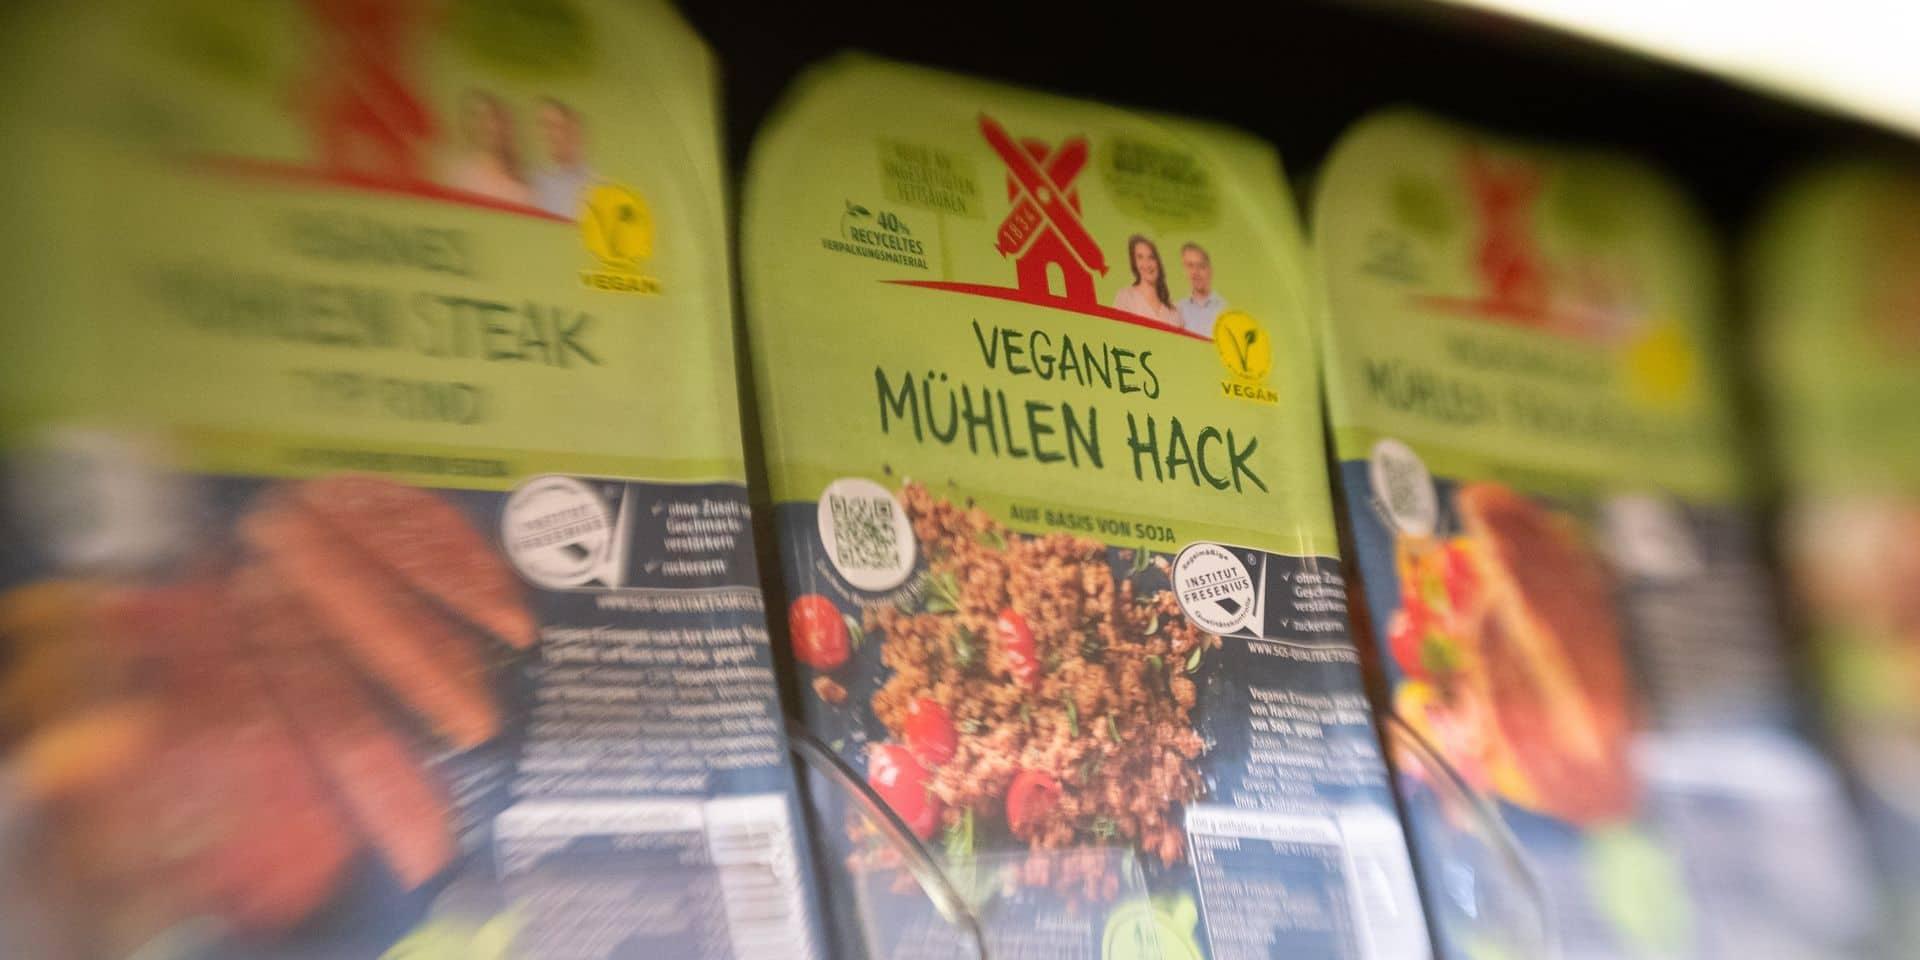 Plus de la moitié des Belges satisfaits par les alternatives à la viande